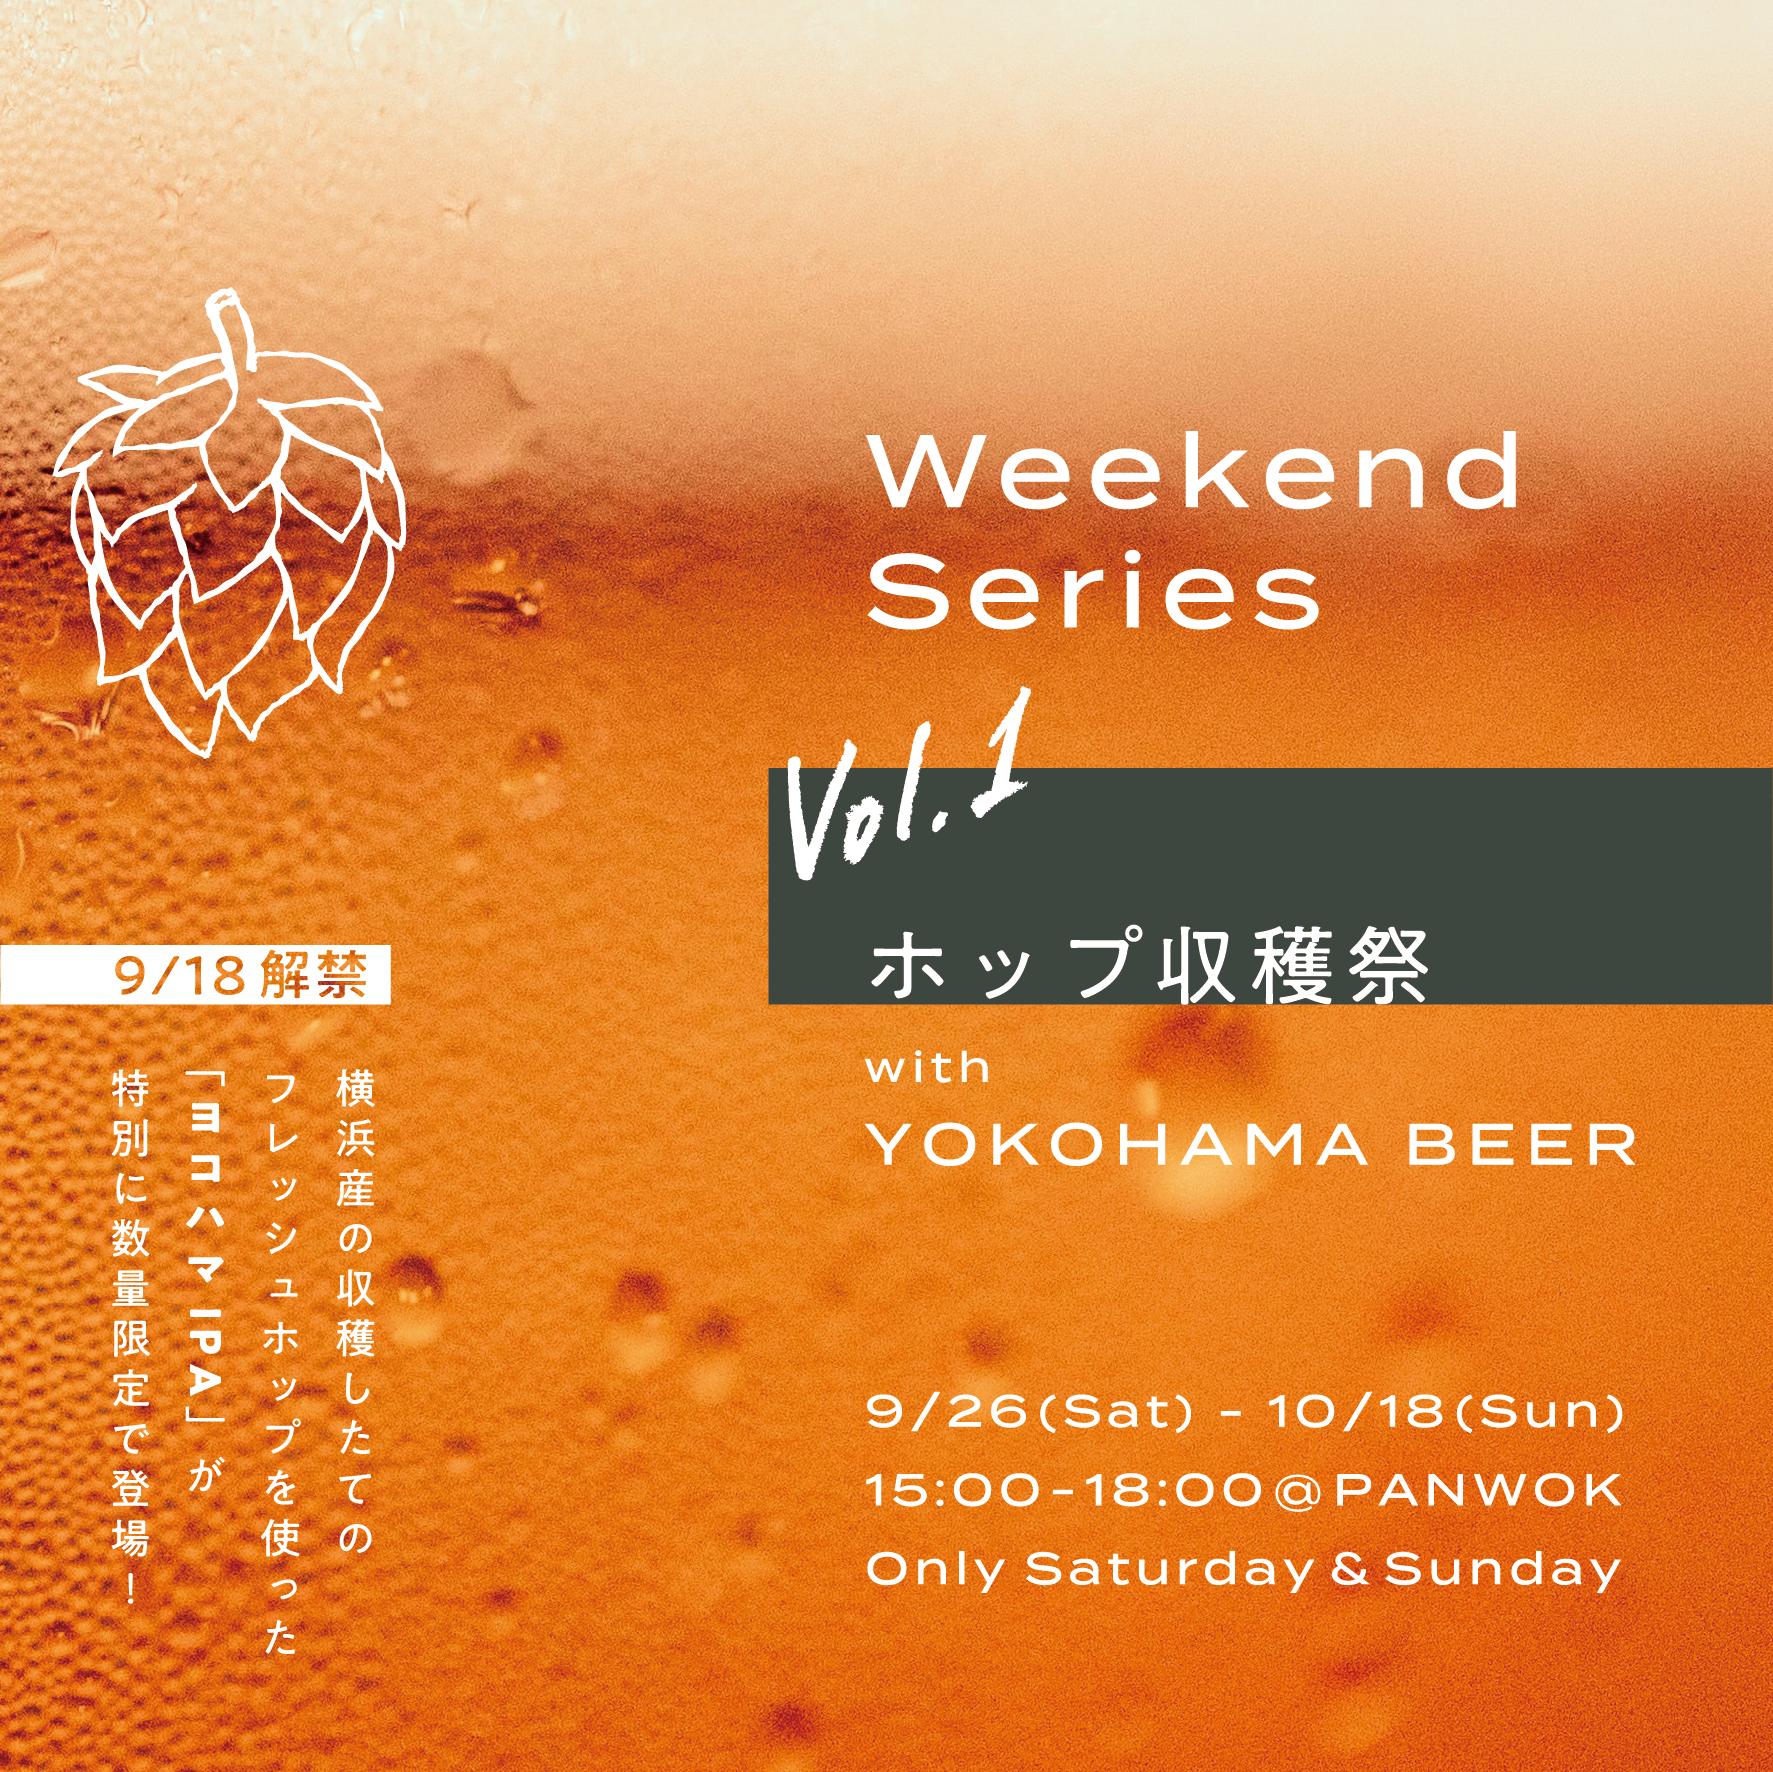 Weekend Series vol.1 -ホップ収穫祭 with YOKOHAMA BEER-